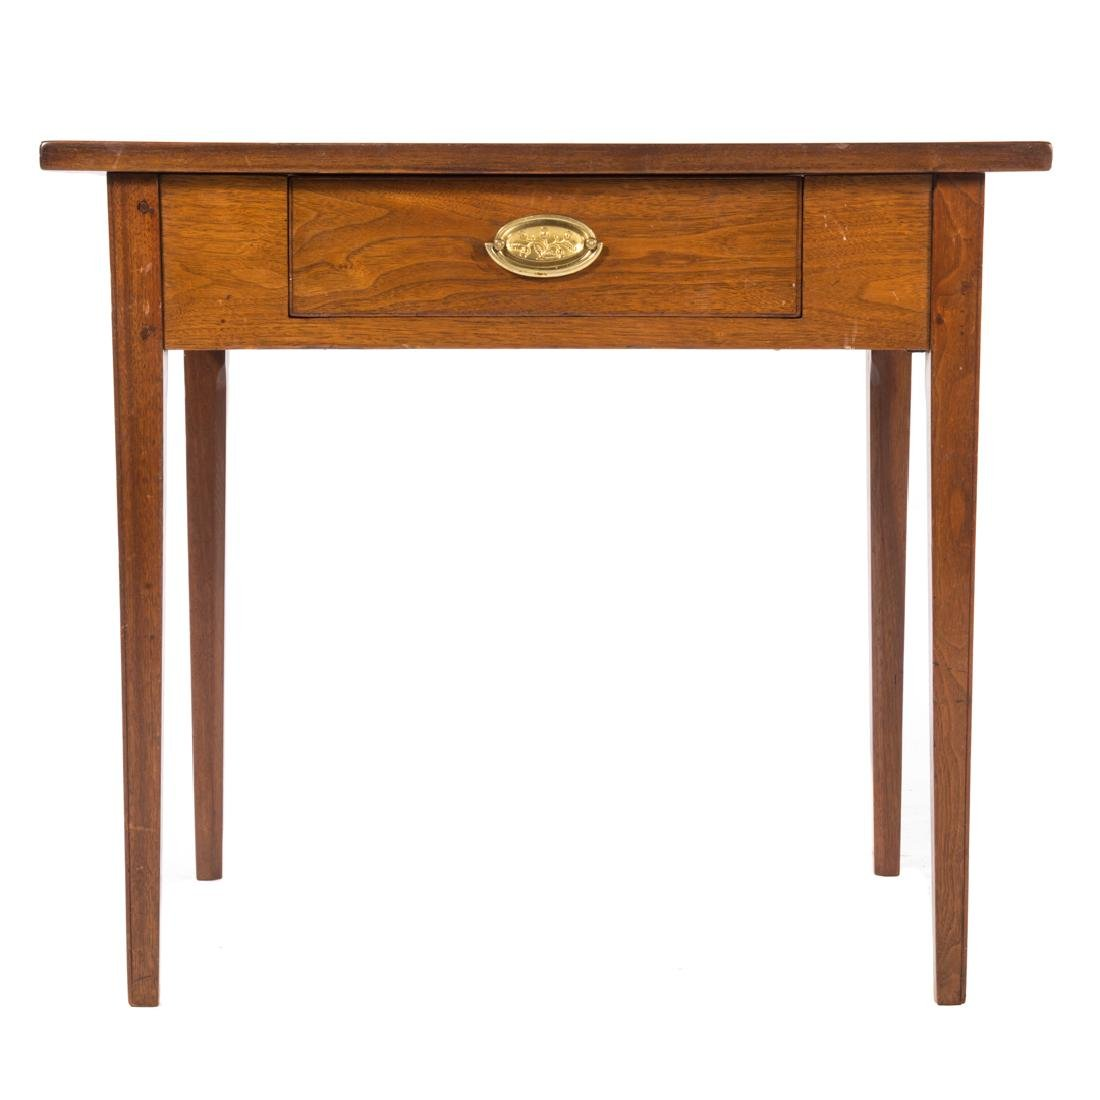 Federal walnut table